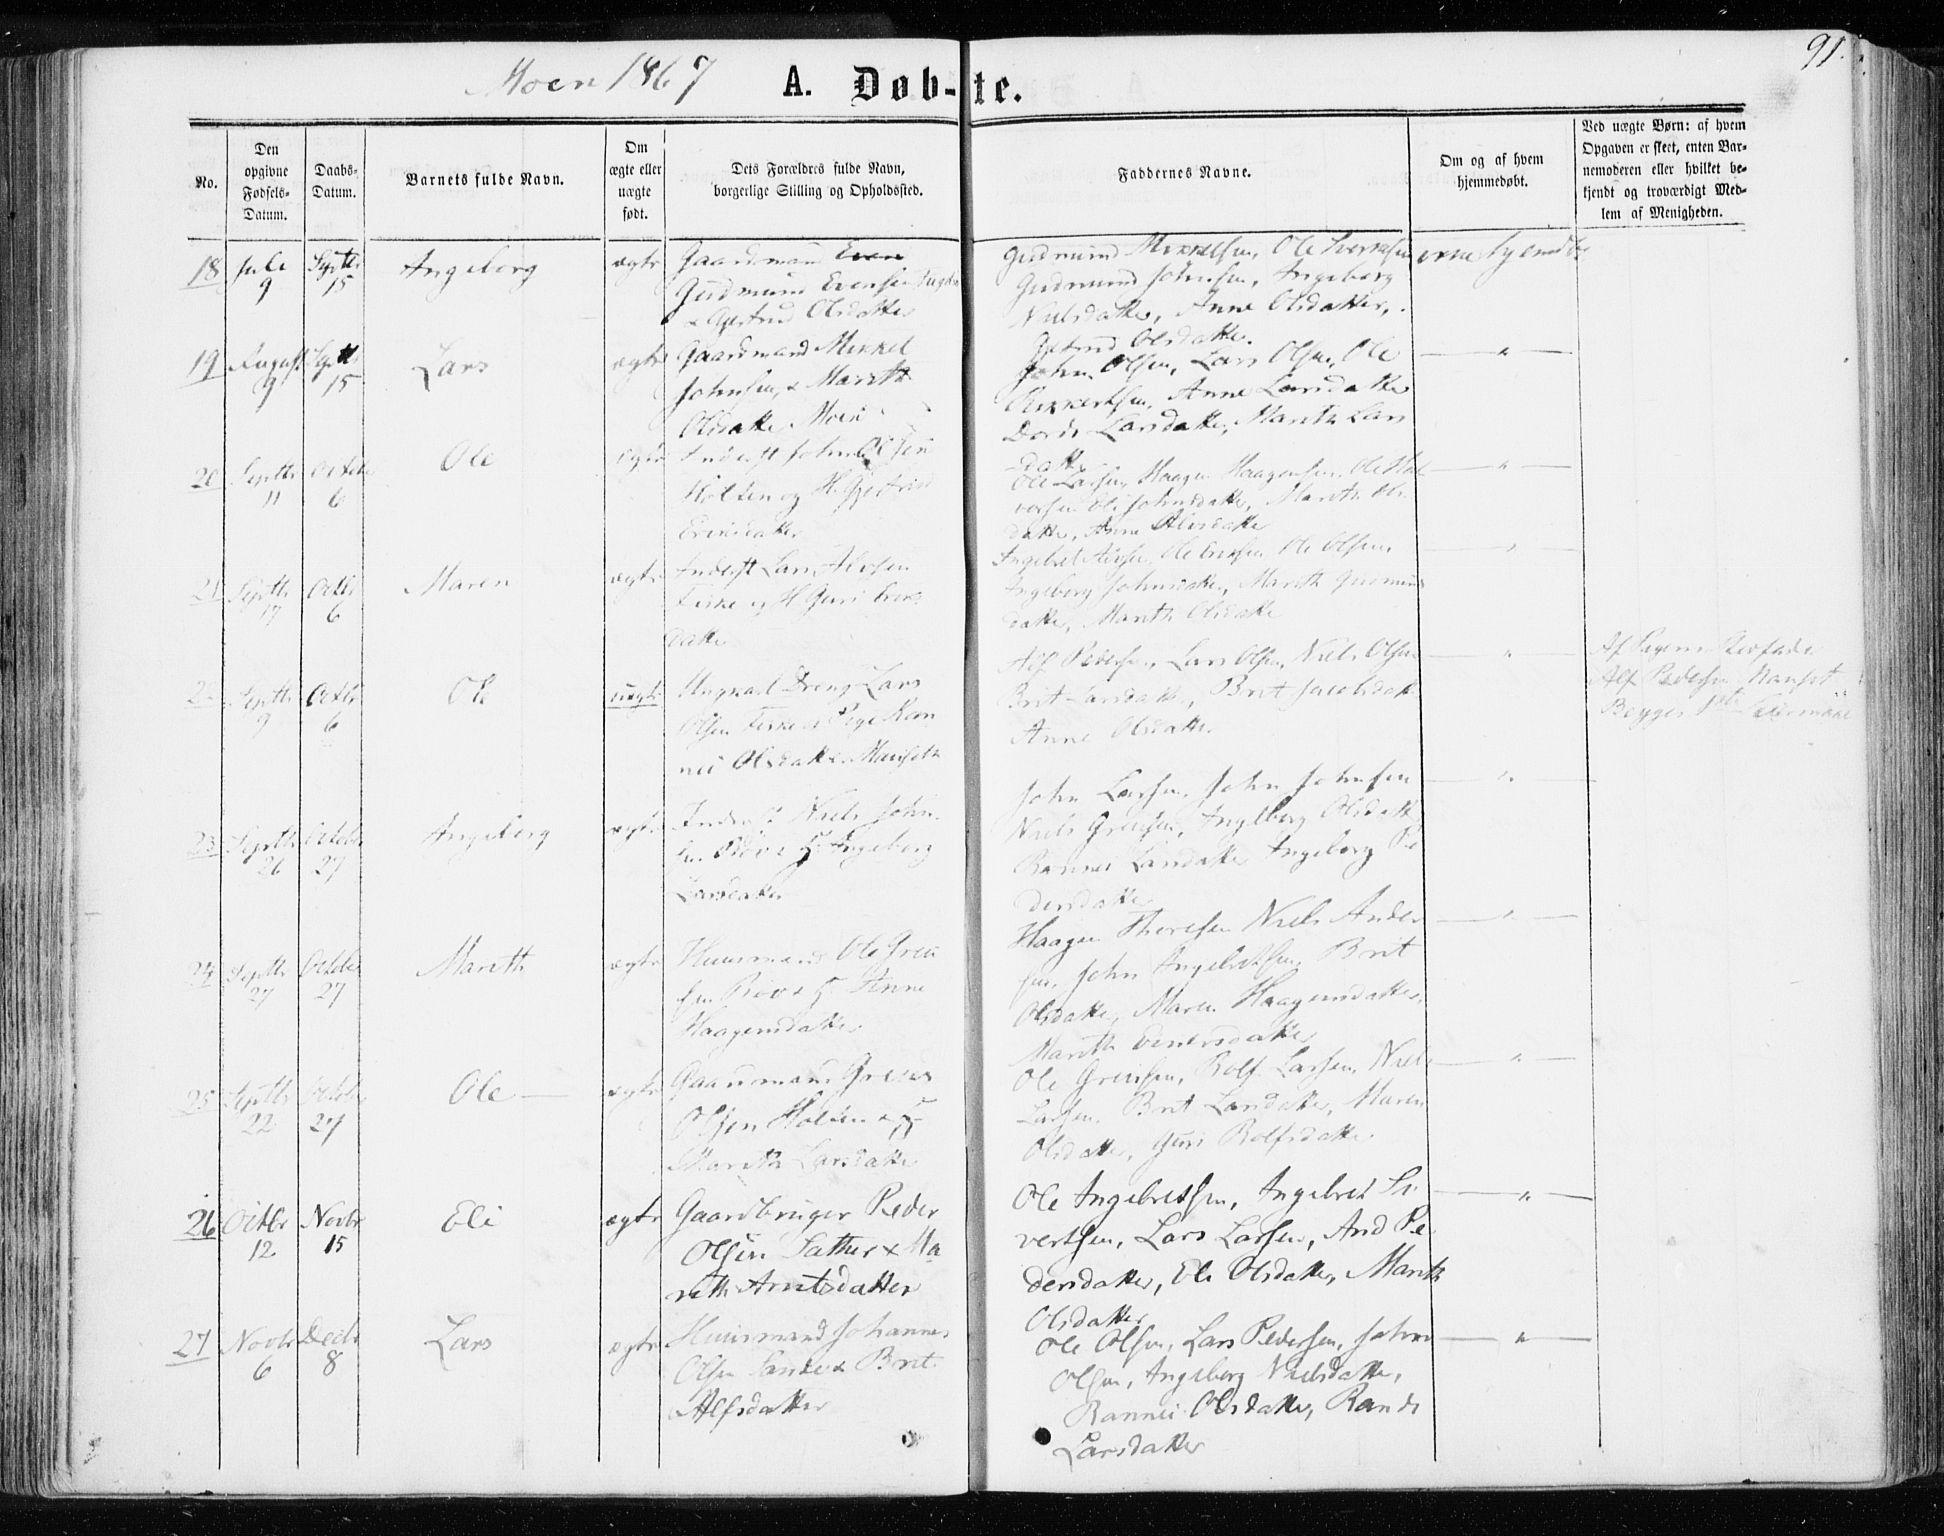 SAT, Ministerialprotokoller, klokkerbøker og fødselsregistre - Møre og Romsdal, 595/L1045: Ministerialbok nr. 595A07, 1863-1873, s. 91